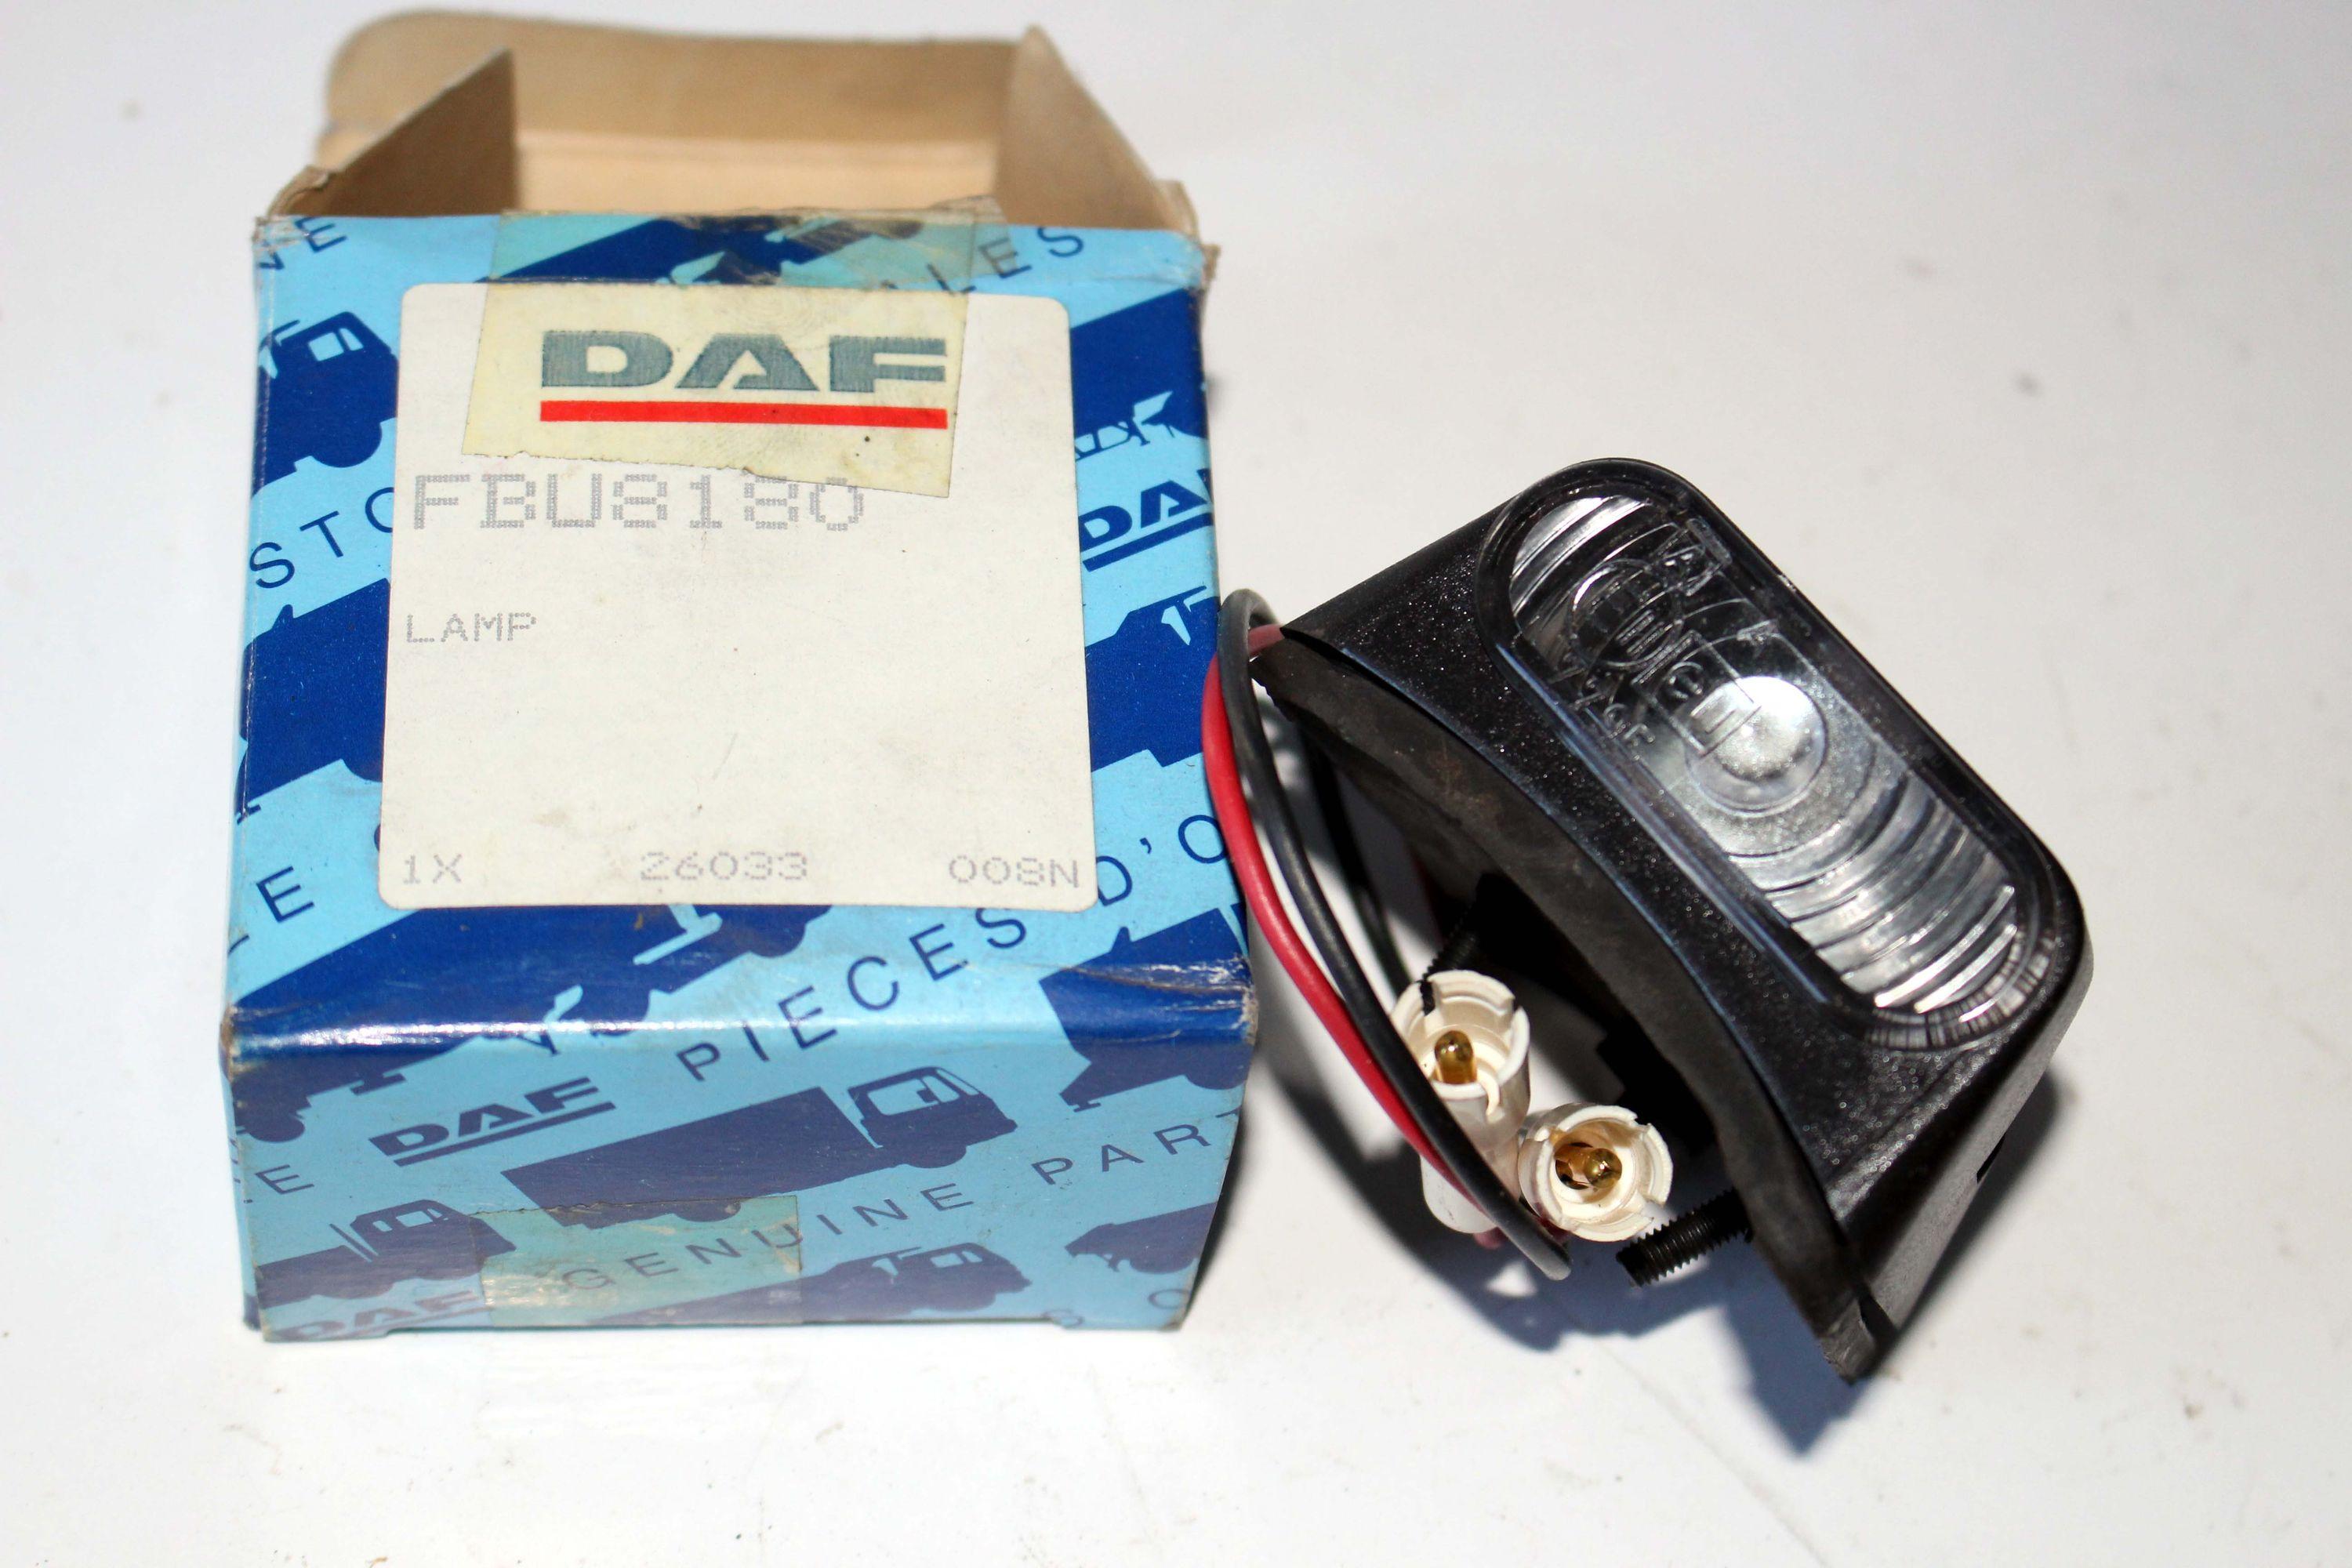 FBU8180 Lampe DAF DAF